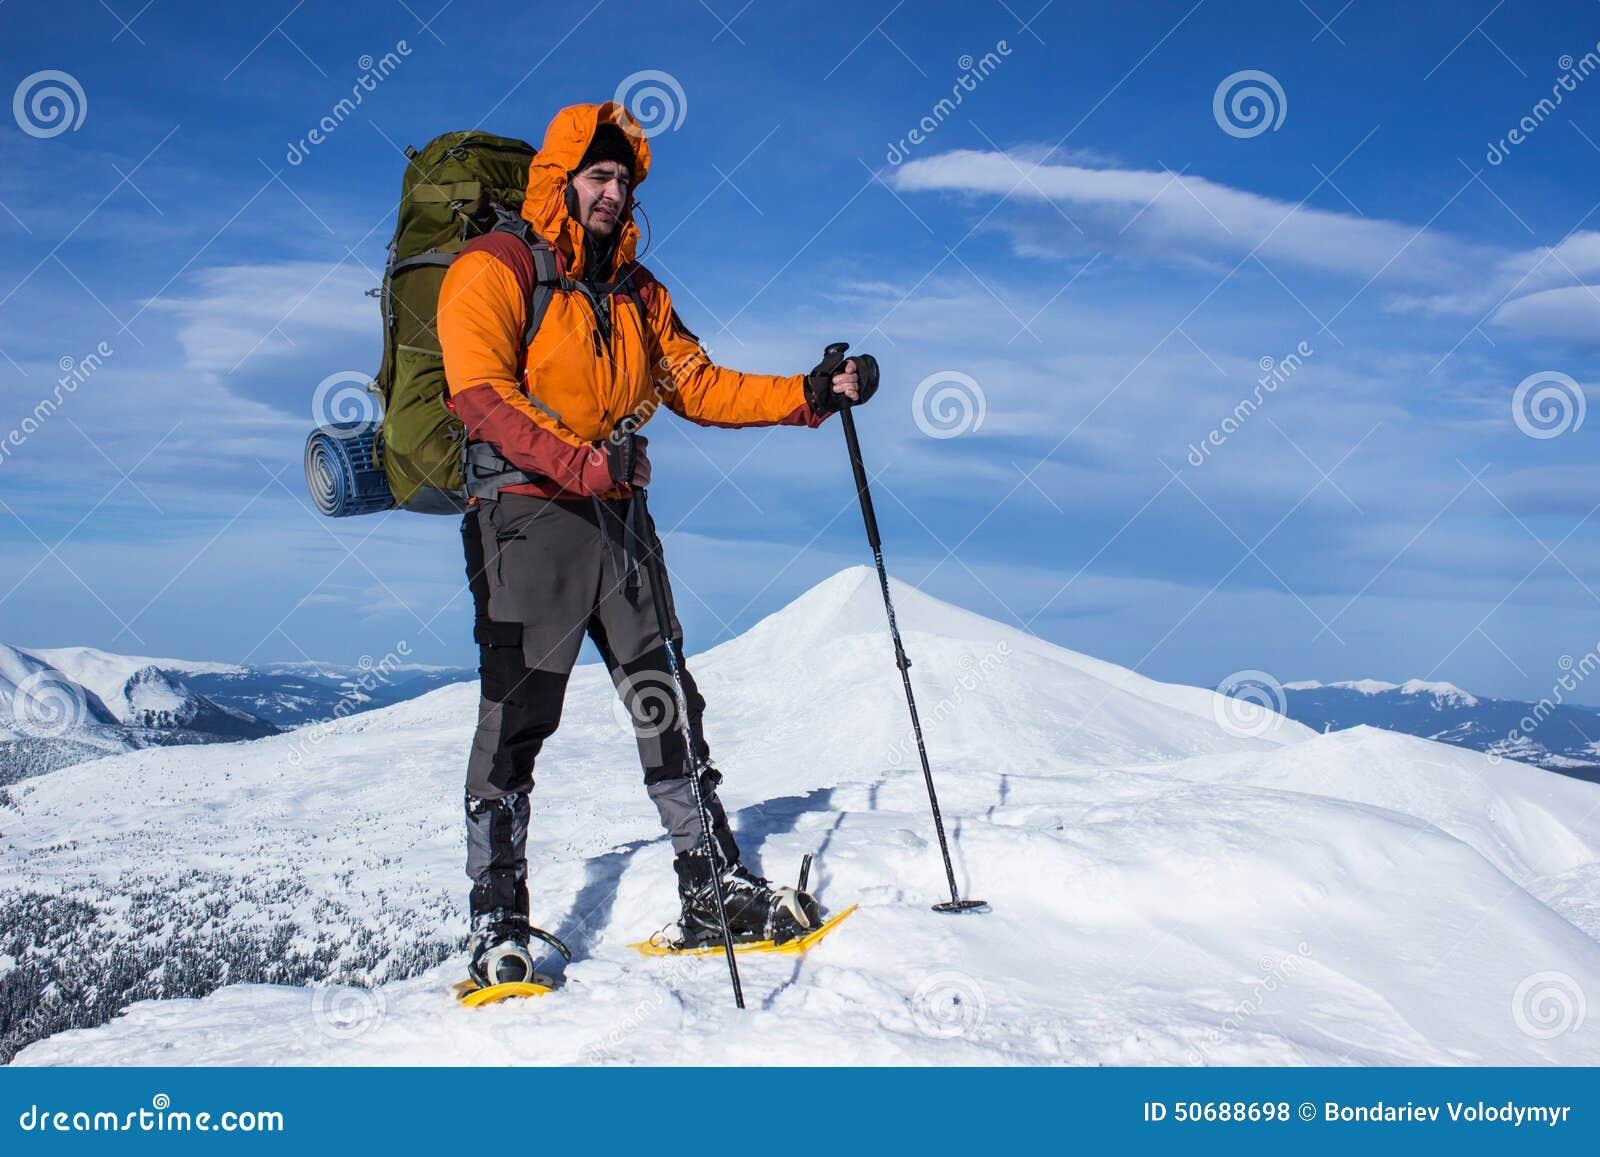 Download 在雪靴的冬天高涨 库存照片. 图片 包括有 体育运动, 冻结, 节假日, 冒险家, 天空, 多雪, 极其 - 50688698